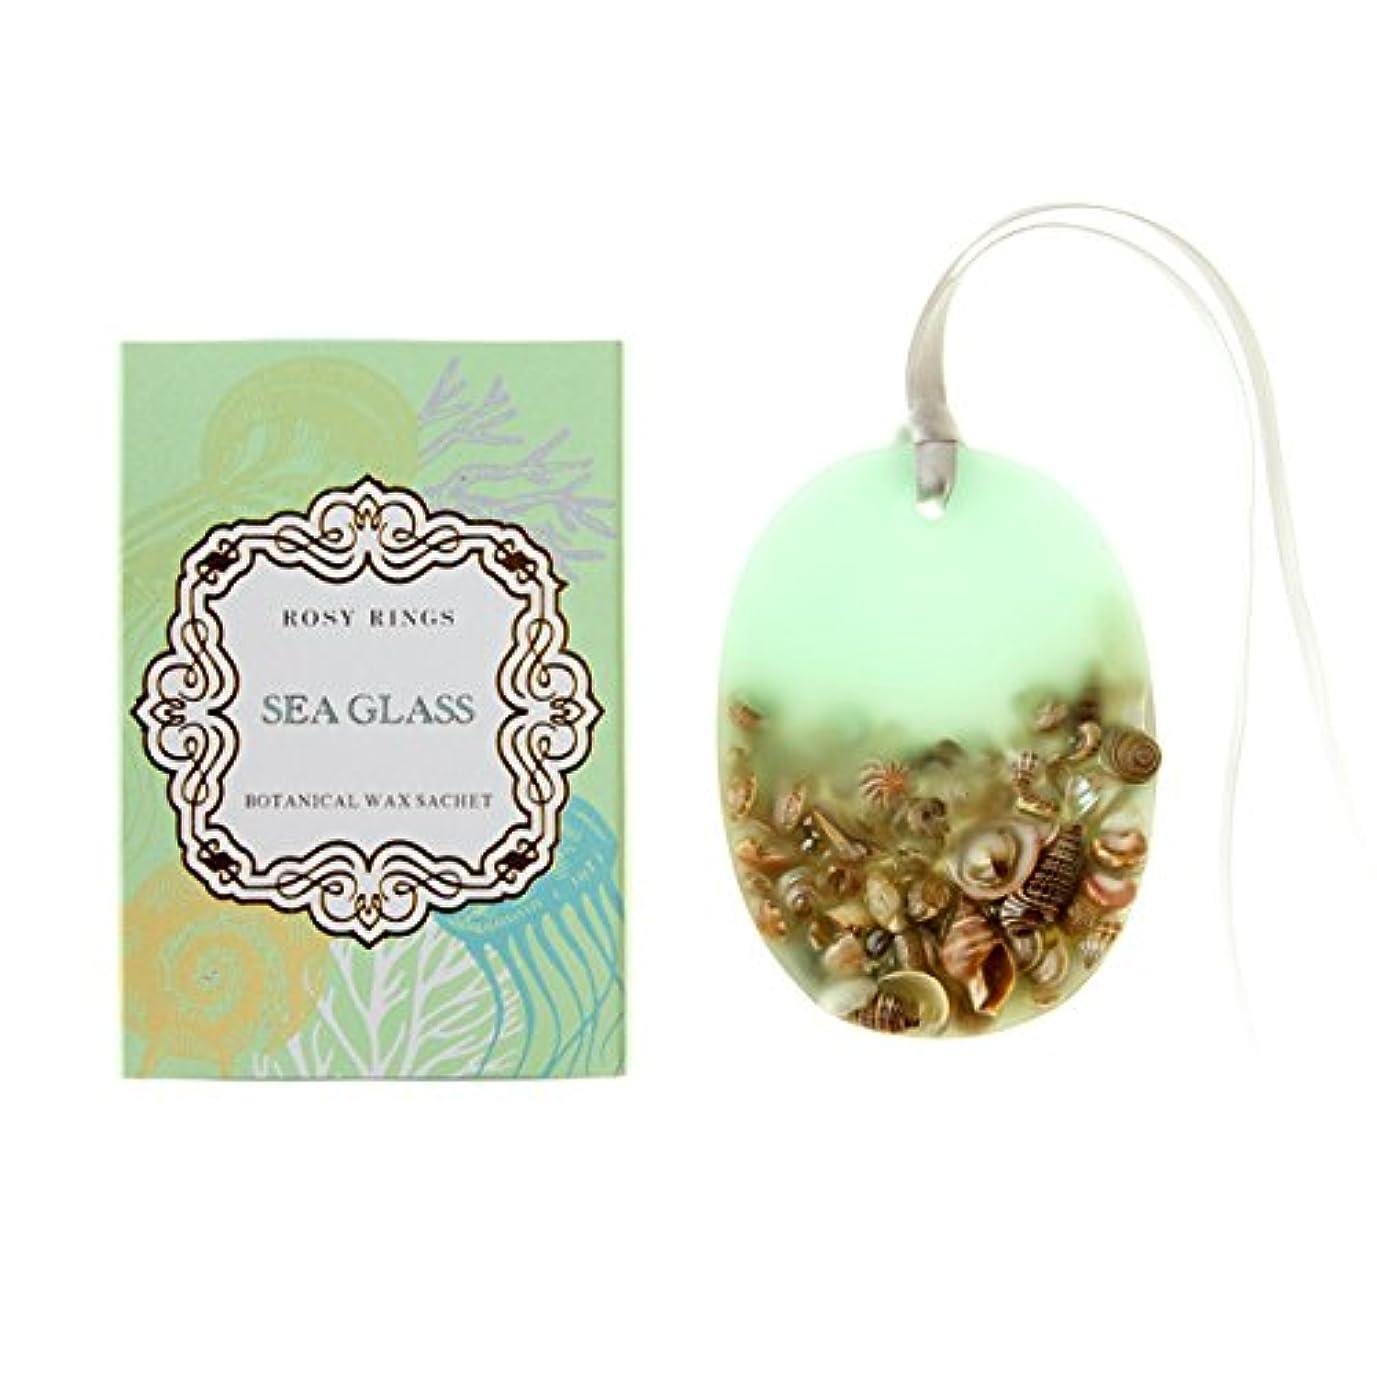 ずるいゲストバックグラウンドロージーリングス プティボタニカルサシェ シーグラス ROSY RINGS Petite Oval Botanical Wax Sachet Sea Glass